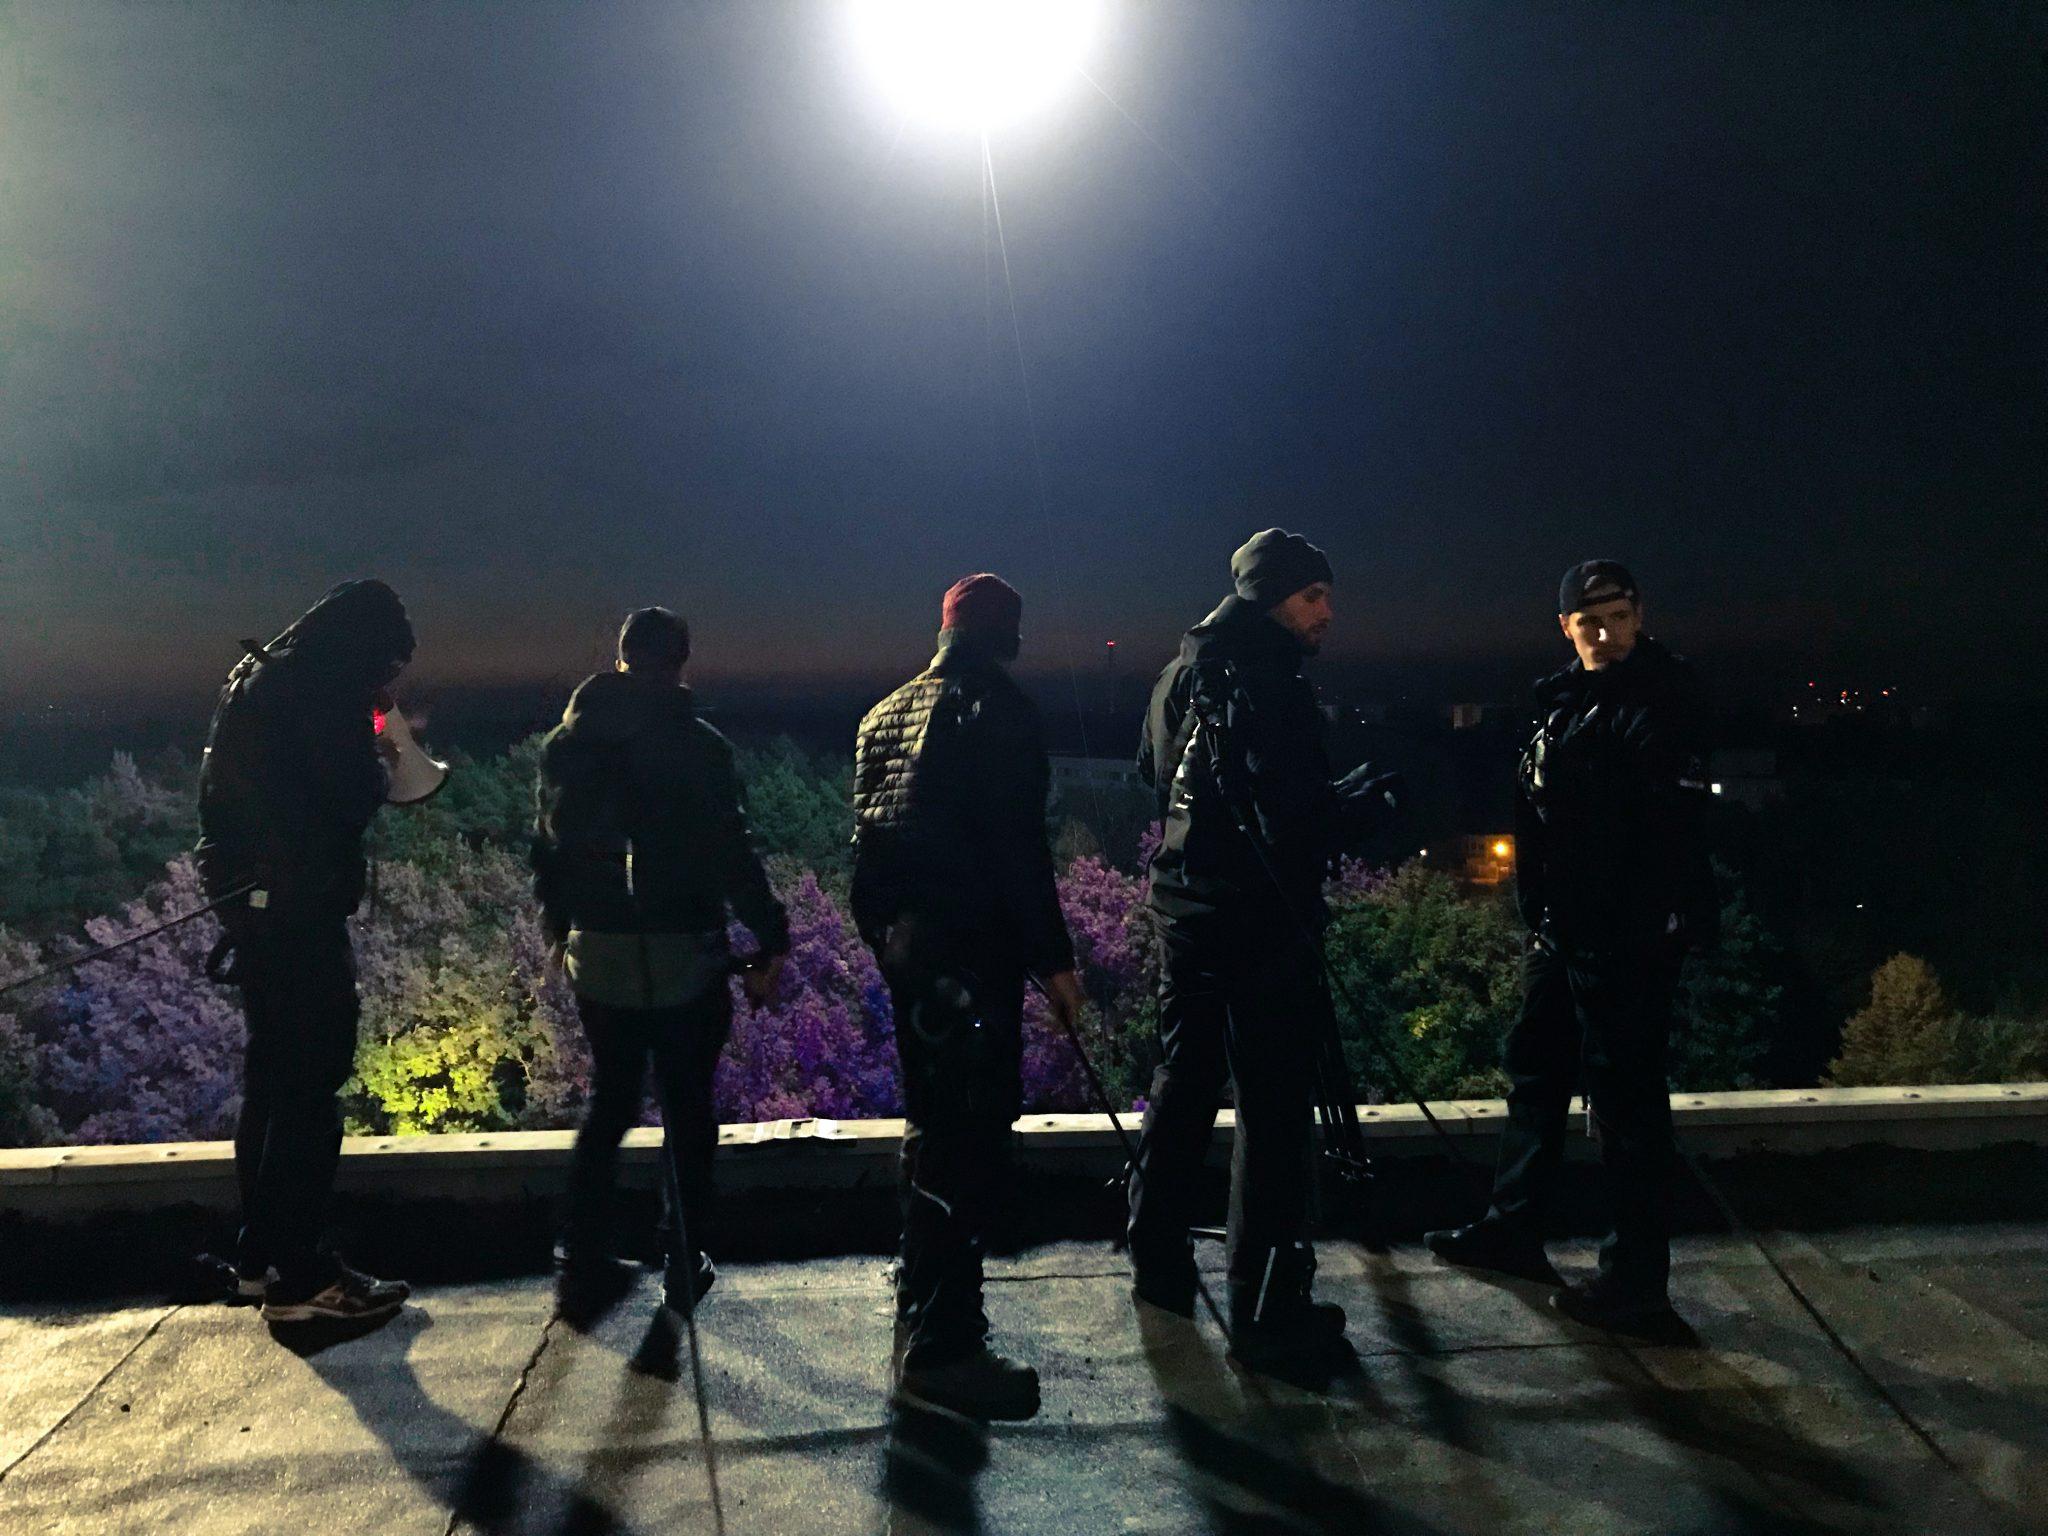 mg-action, crew safety, stunts deutschland, crew sicherheit